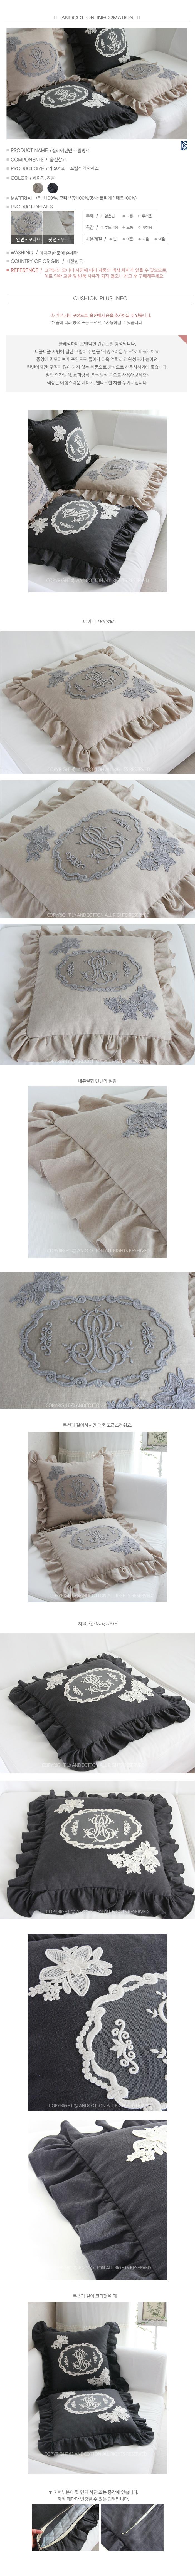 끌레어린넨 프릴방석[커버+솜] - 앤코튼1, 46,000원, 방석, 패턴